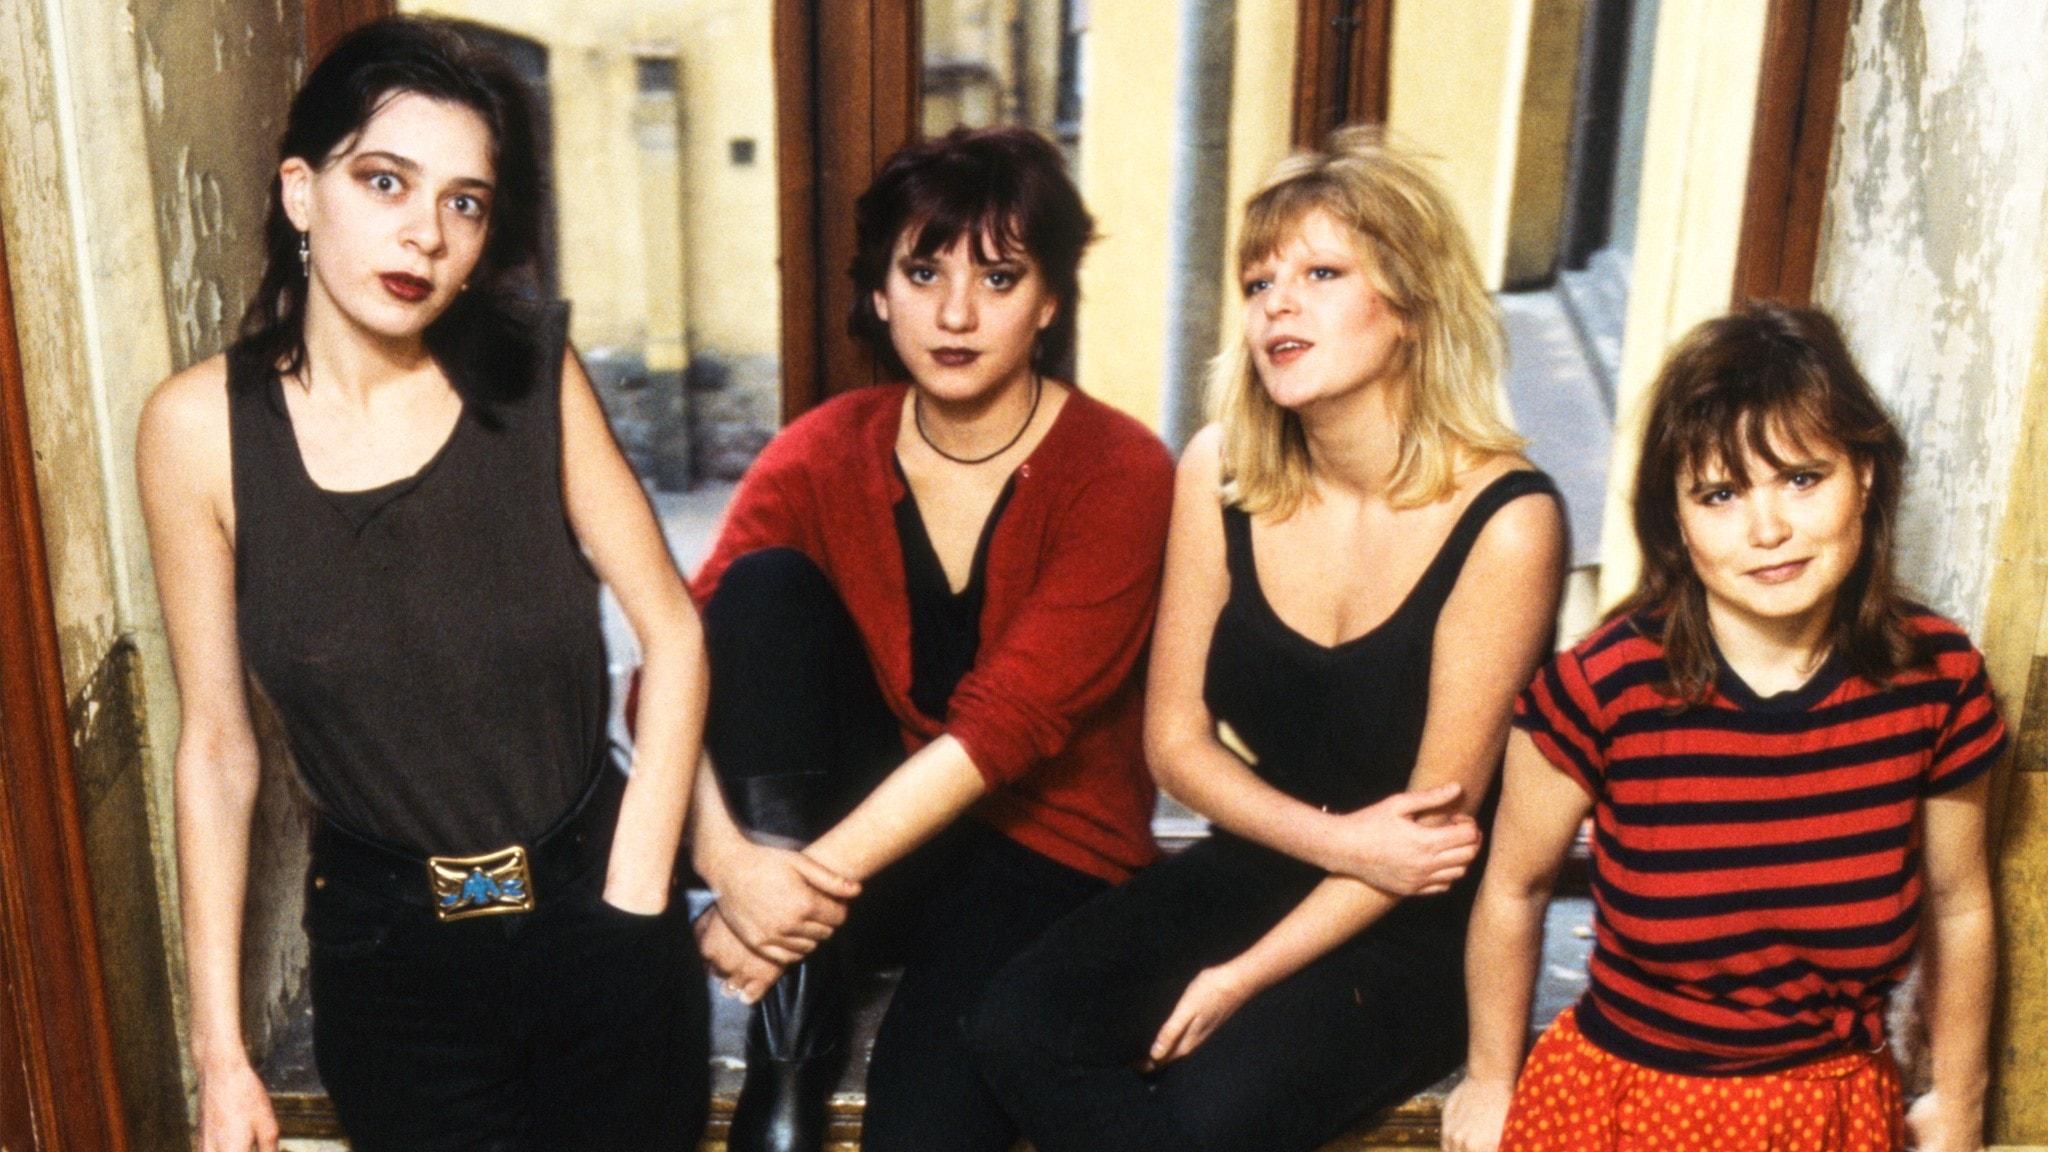 Punkbandet Tant Strul från 1982. Nike Nojja, Malena Jönsson, Kajsa Grytt och Liten Falkeholm